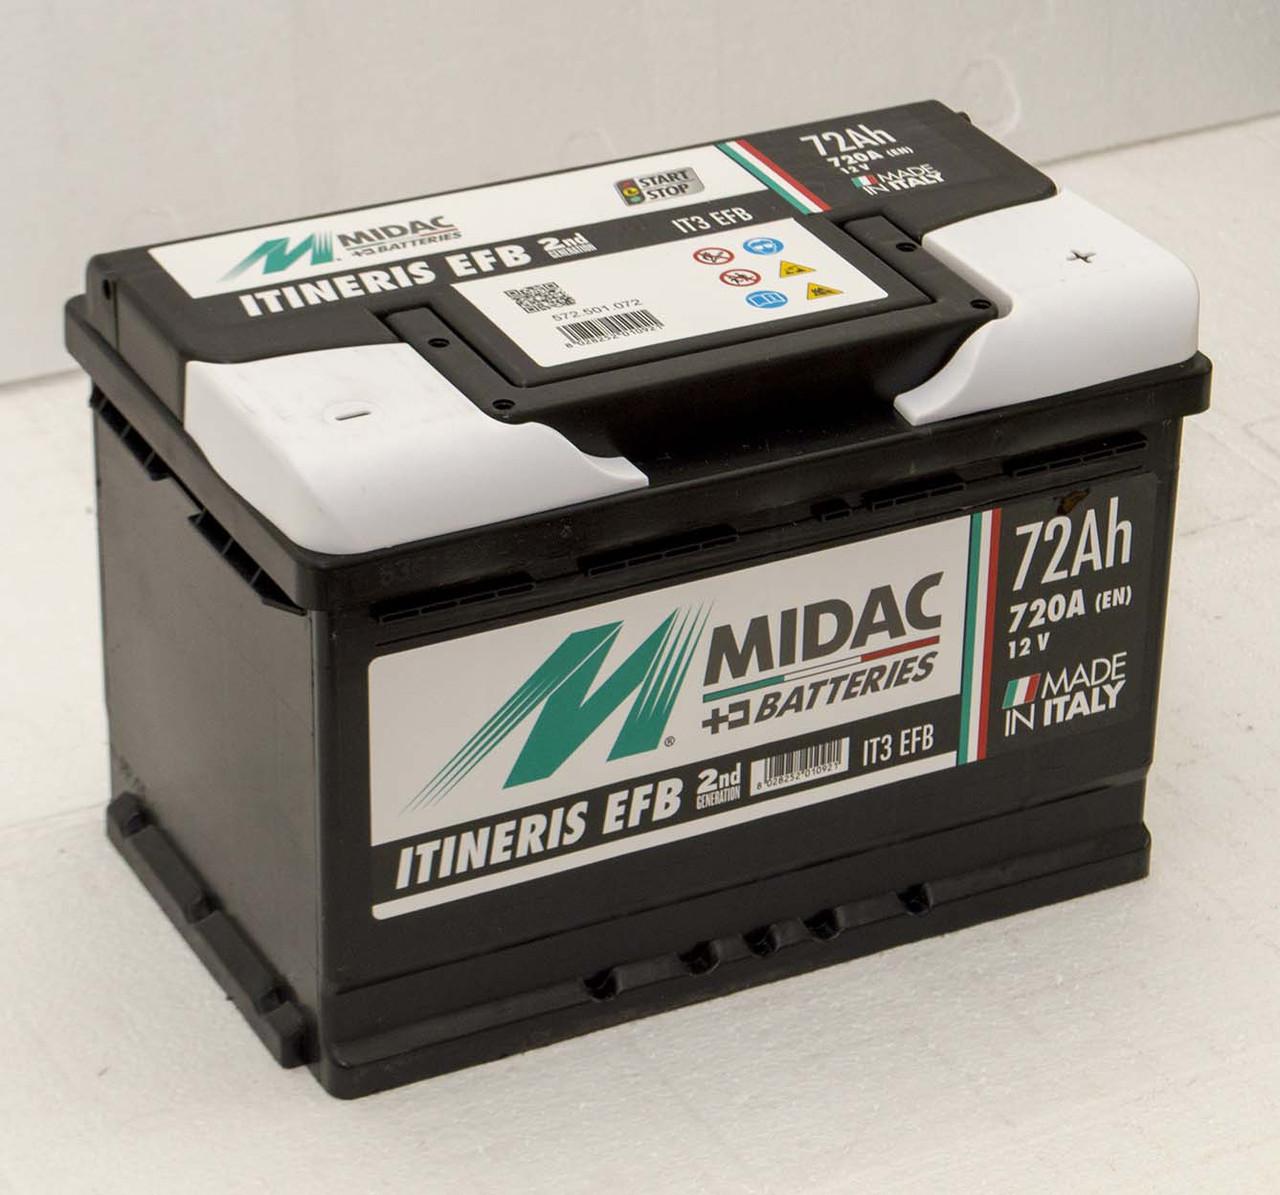 Аккумулятор 6СТ-72A MIDAC ITINERIS EFB START STOP, 12V, 72Ah, R Мидак Итинерис, 12В, 72Ач, EN720А